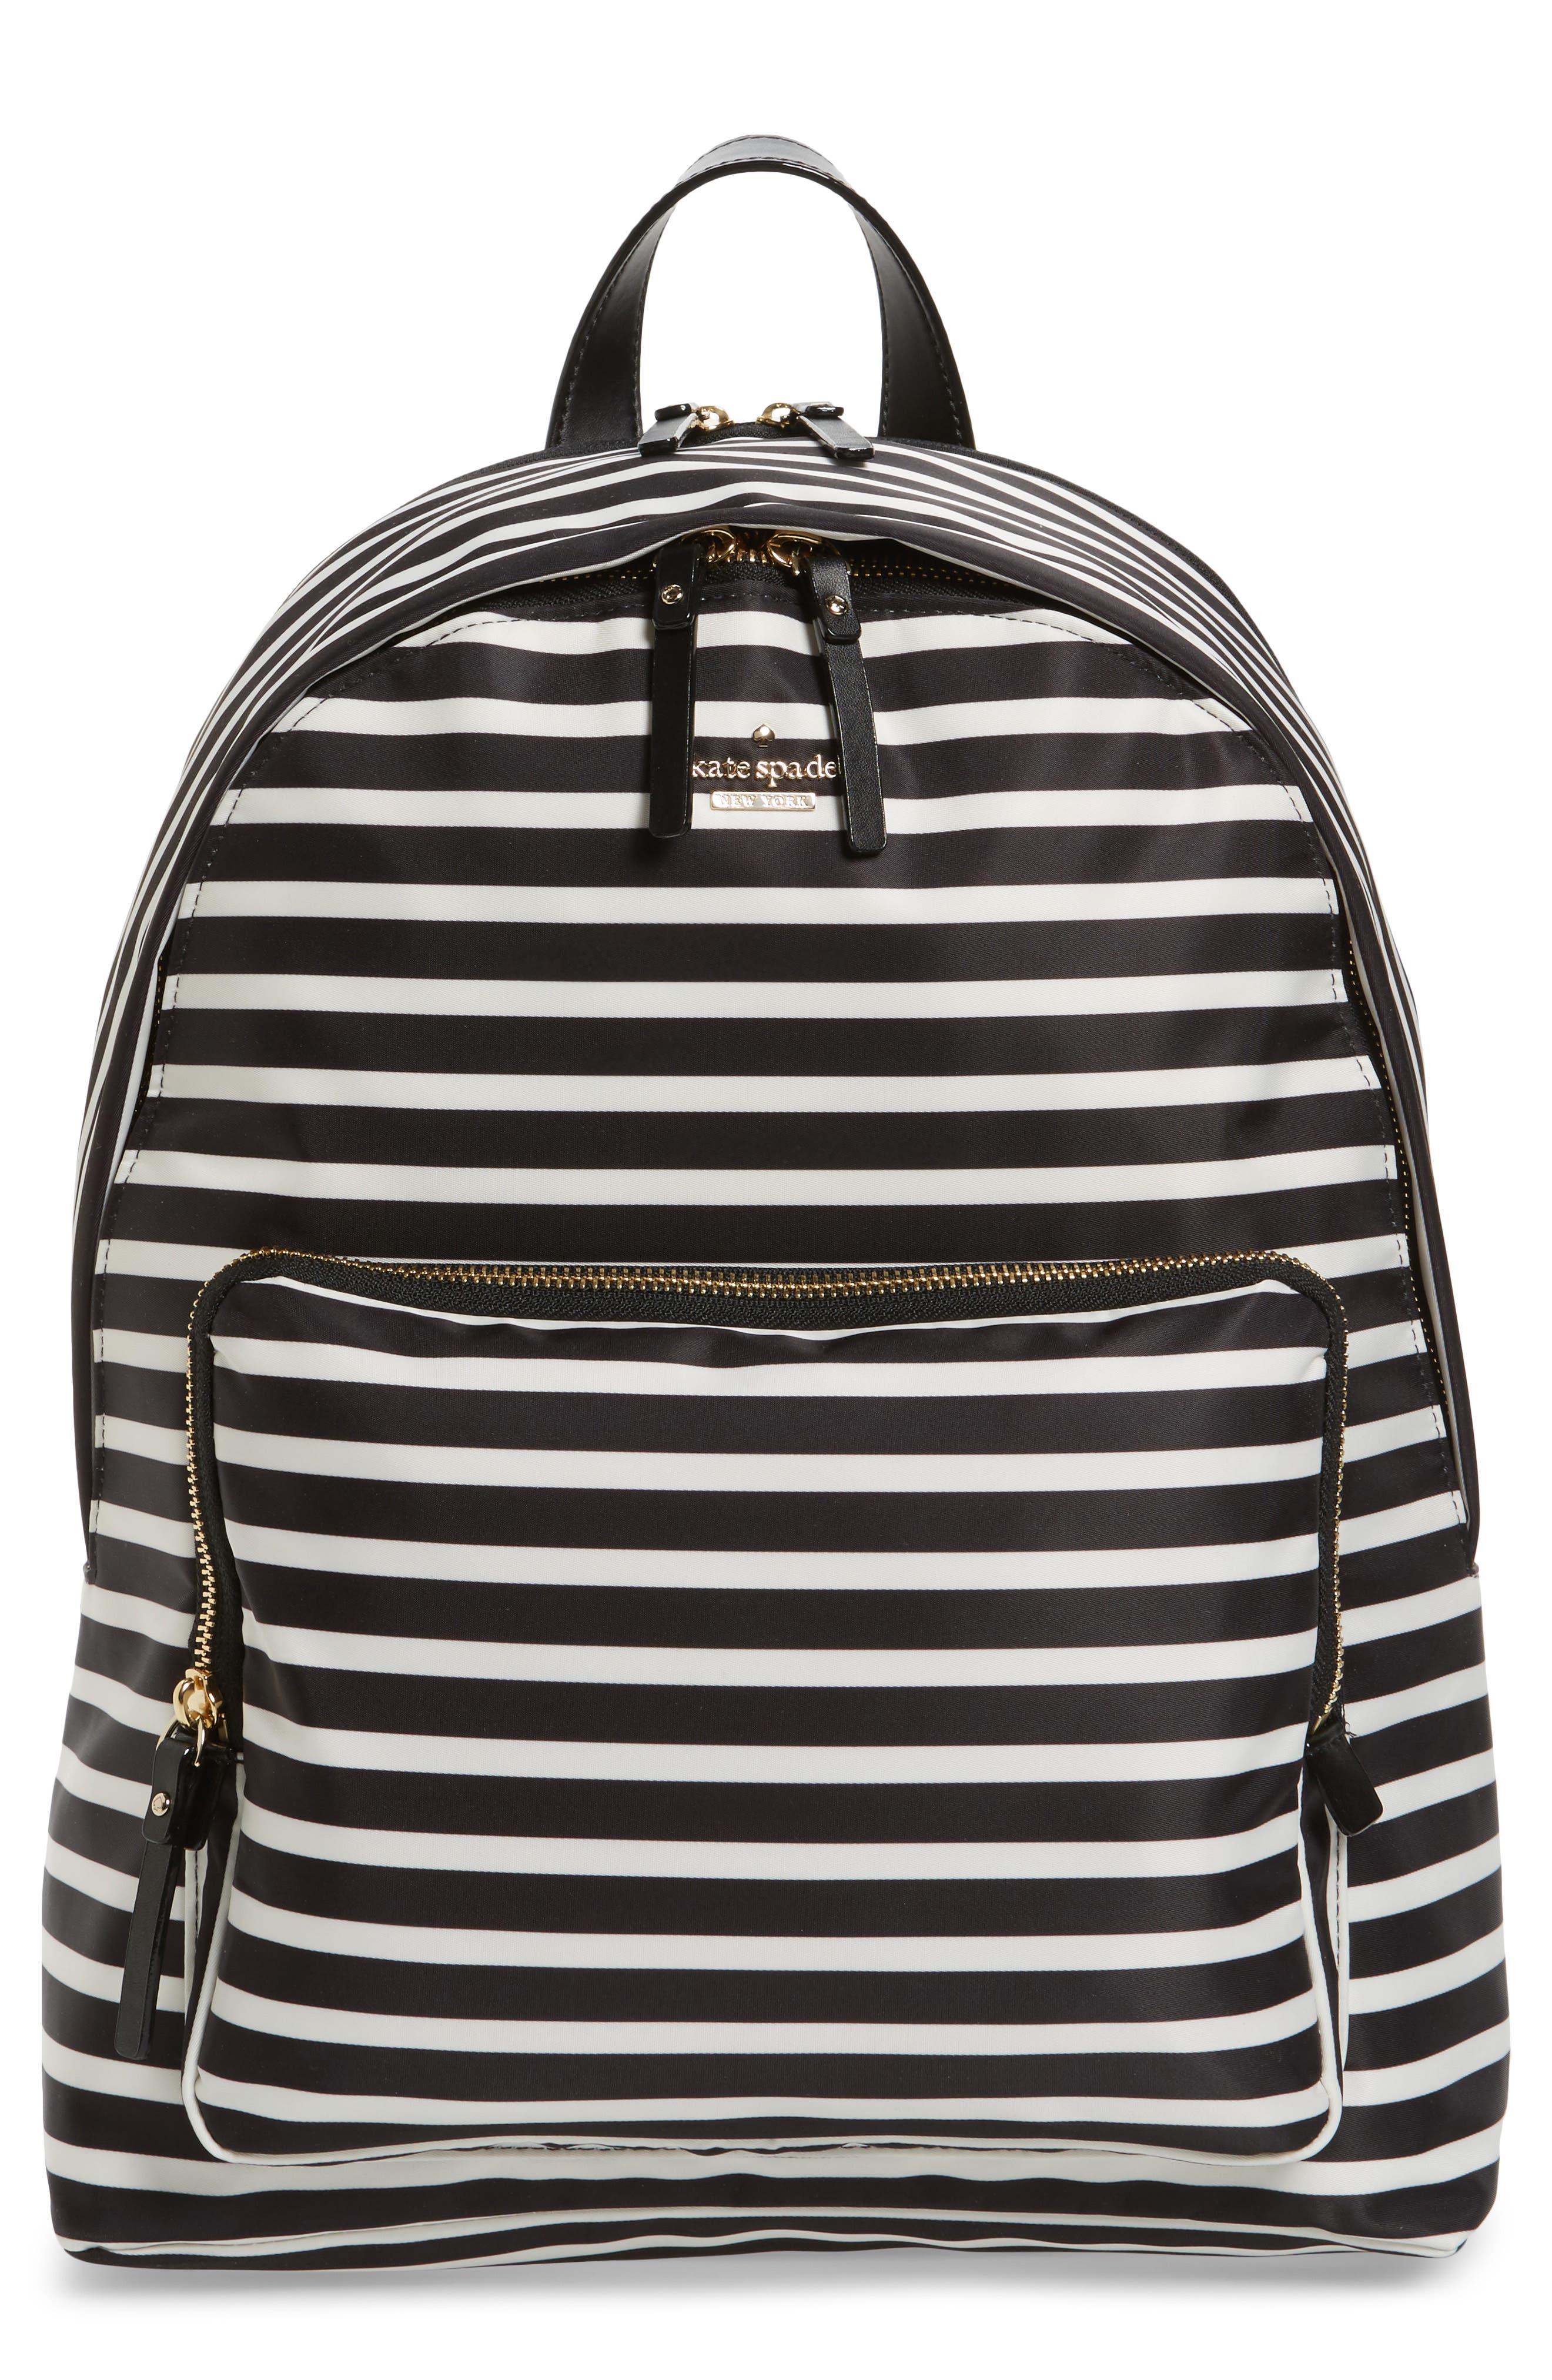 kate spade new york tech nylon backpack